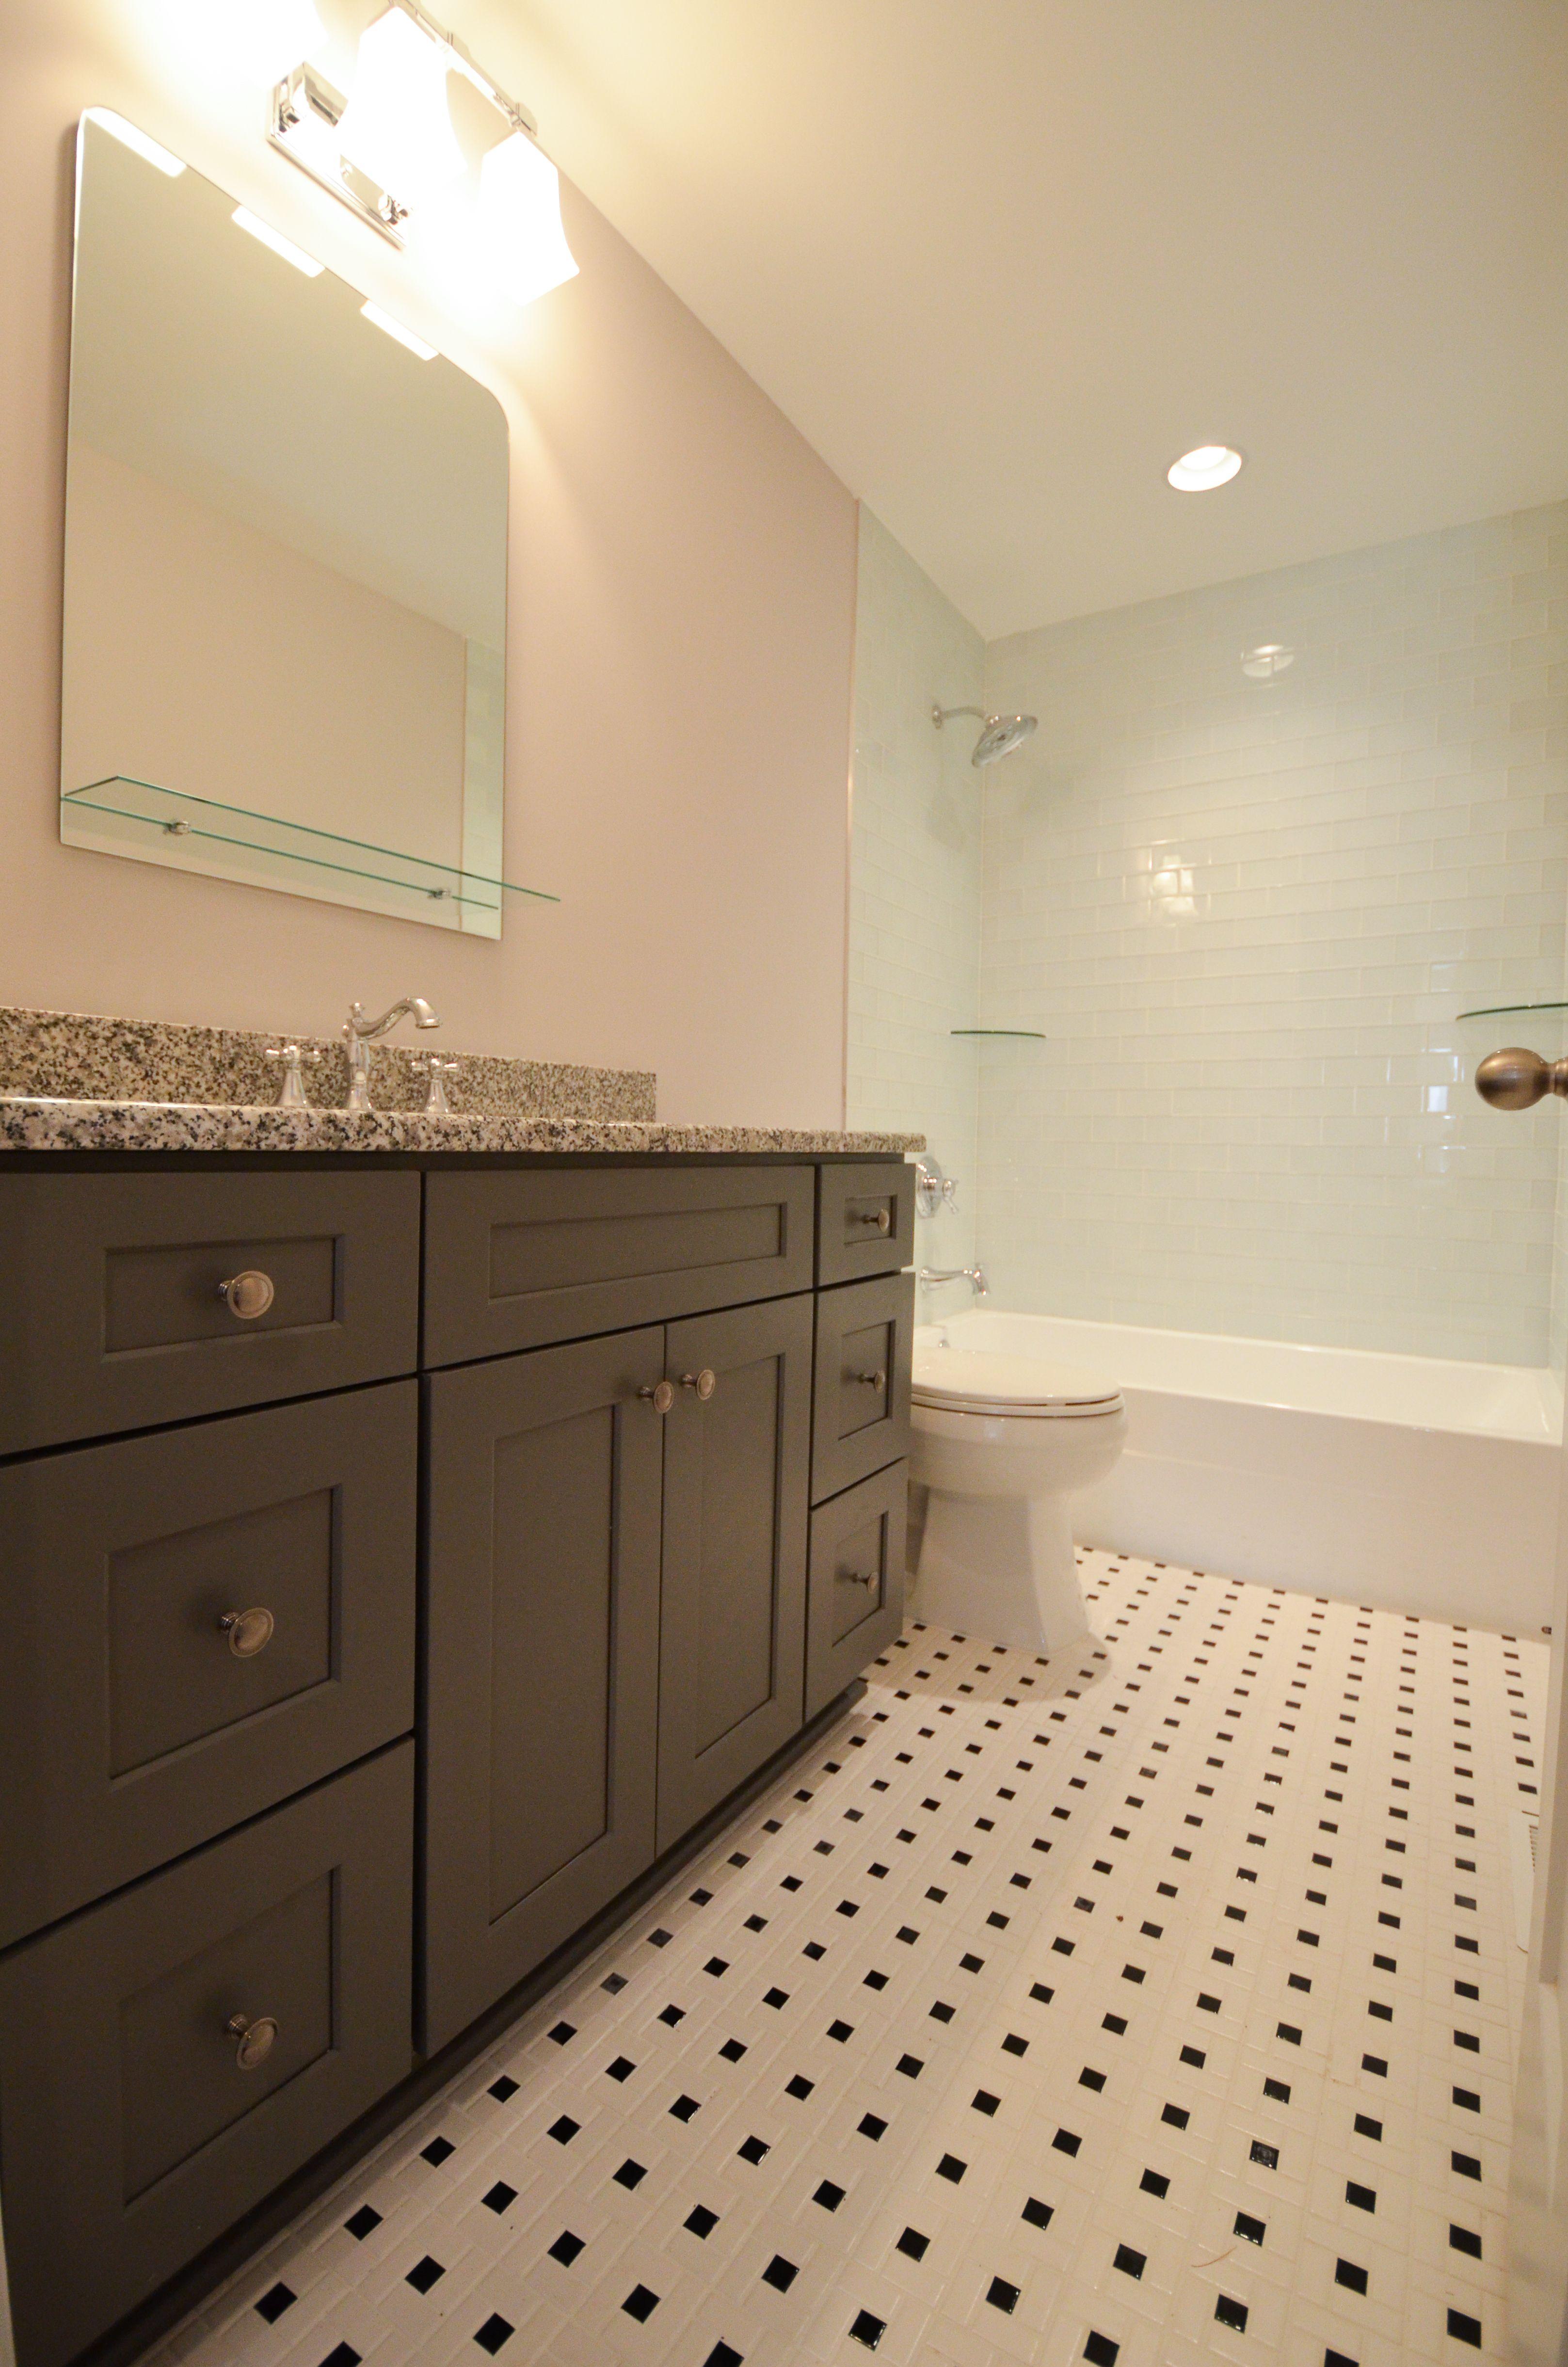 Oversized tub shower combo - with light blue tile, shower shelves ...